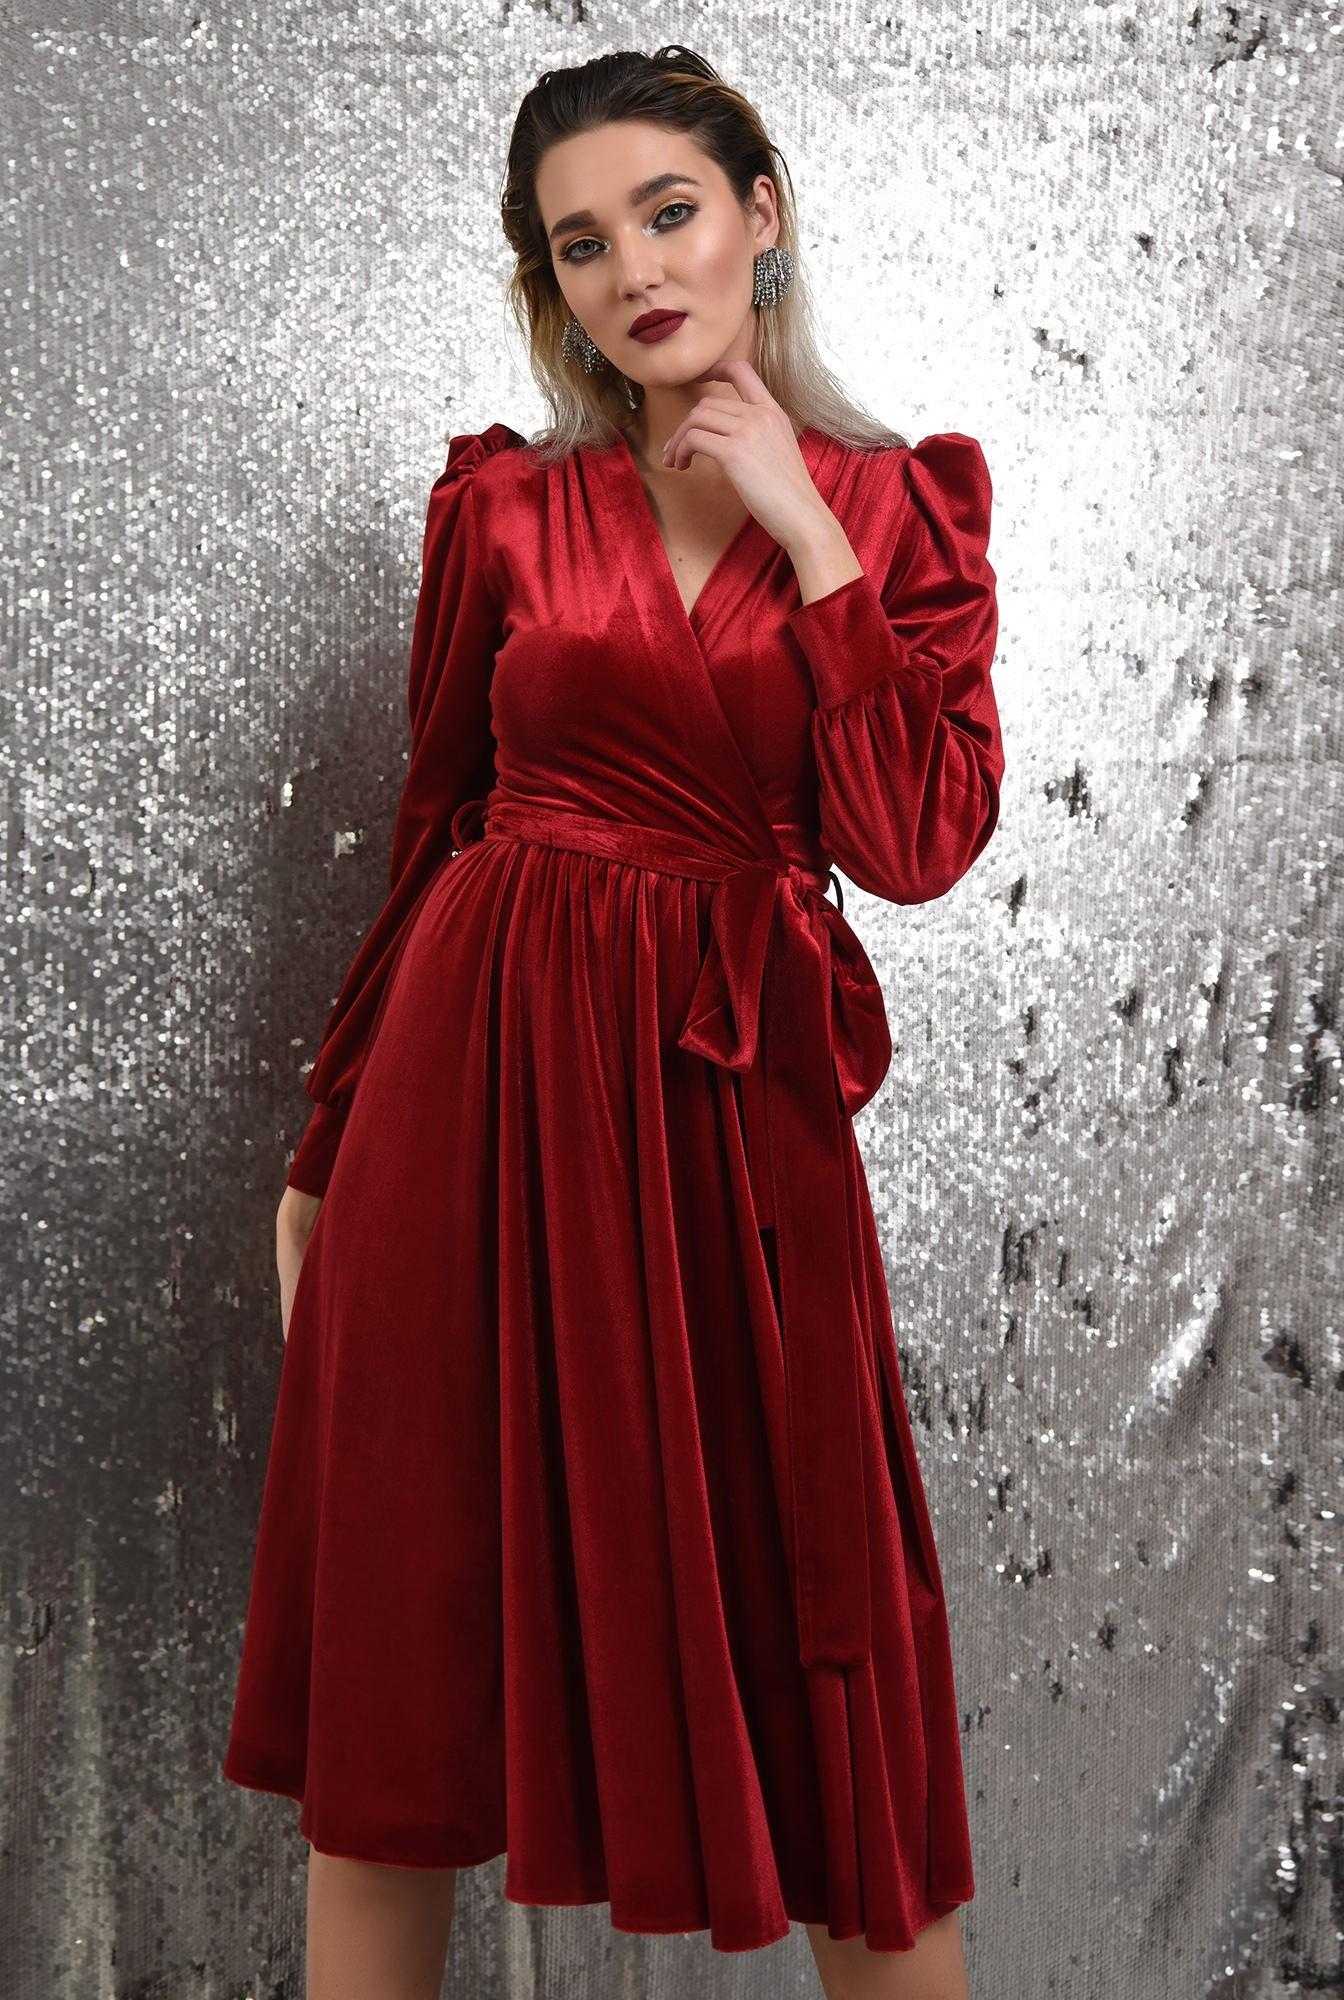 0 - rochie rosie, de catifea, eleganta, cu cordon, maneci bufante, Poema